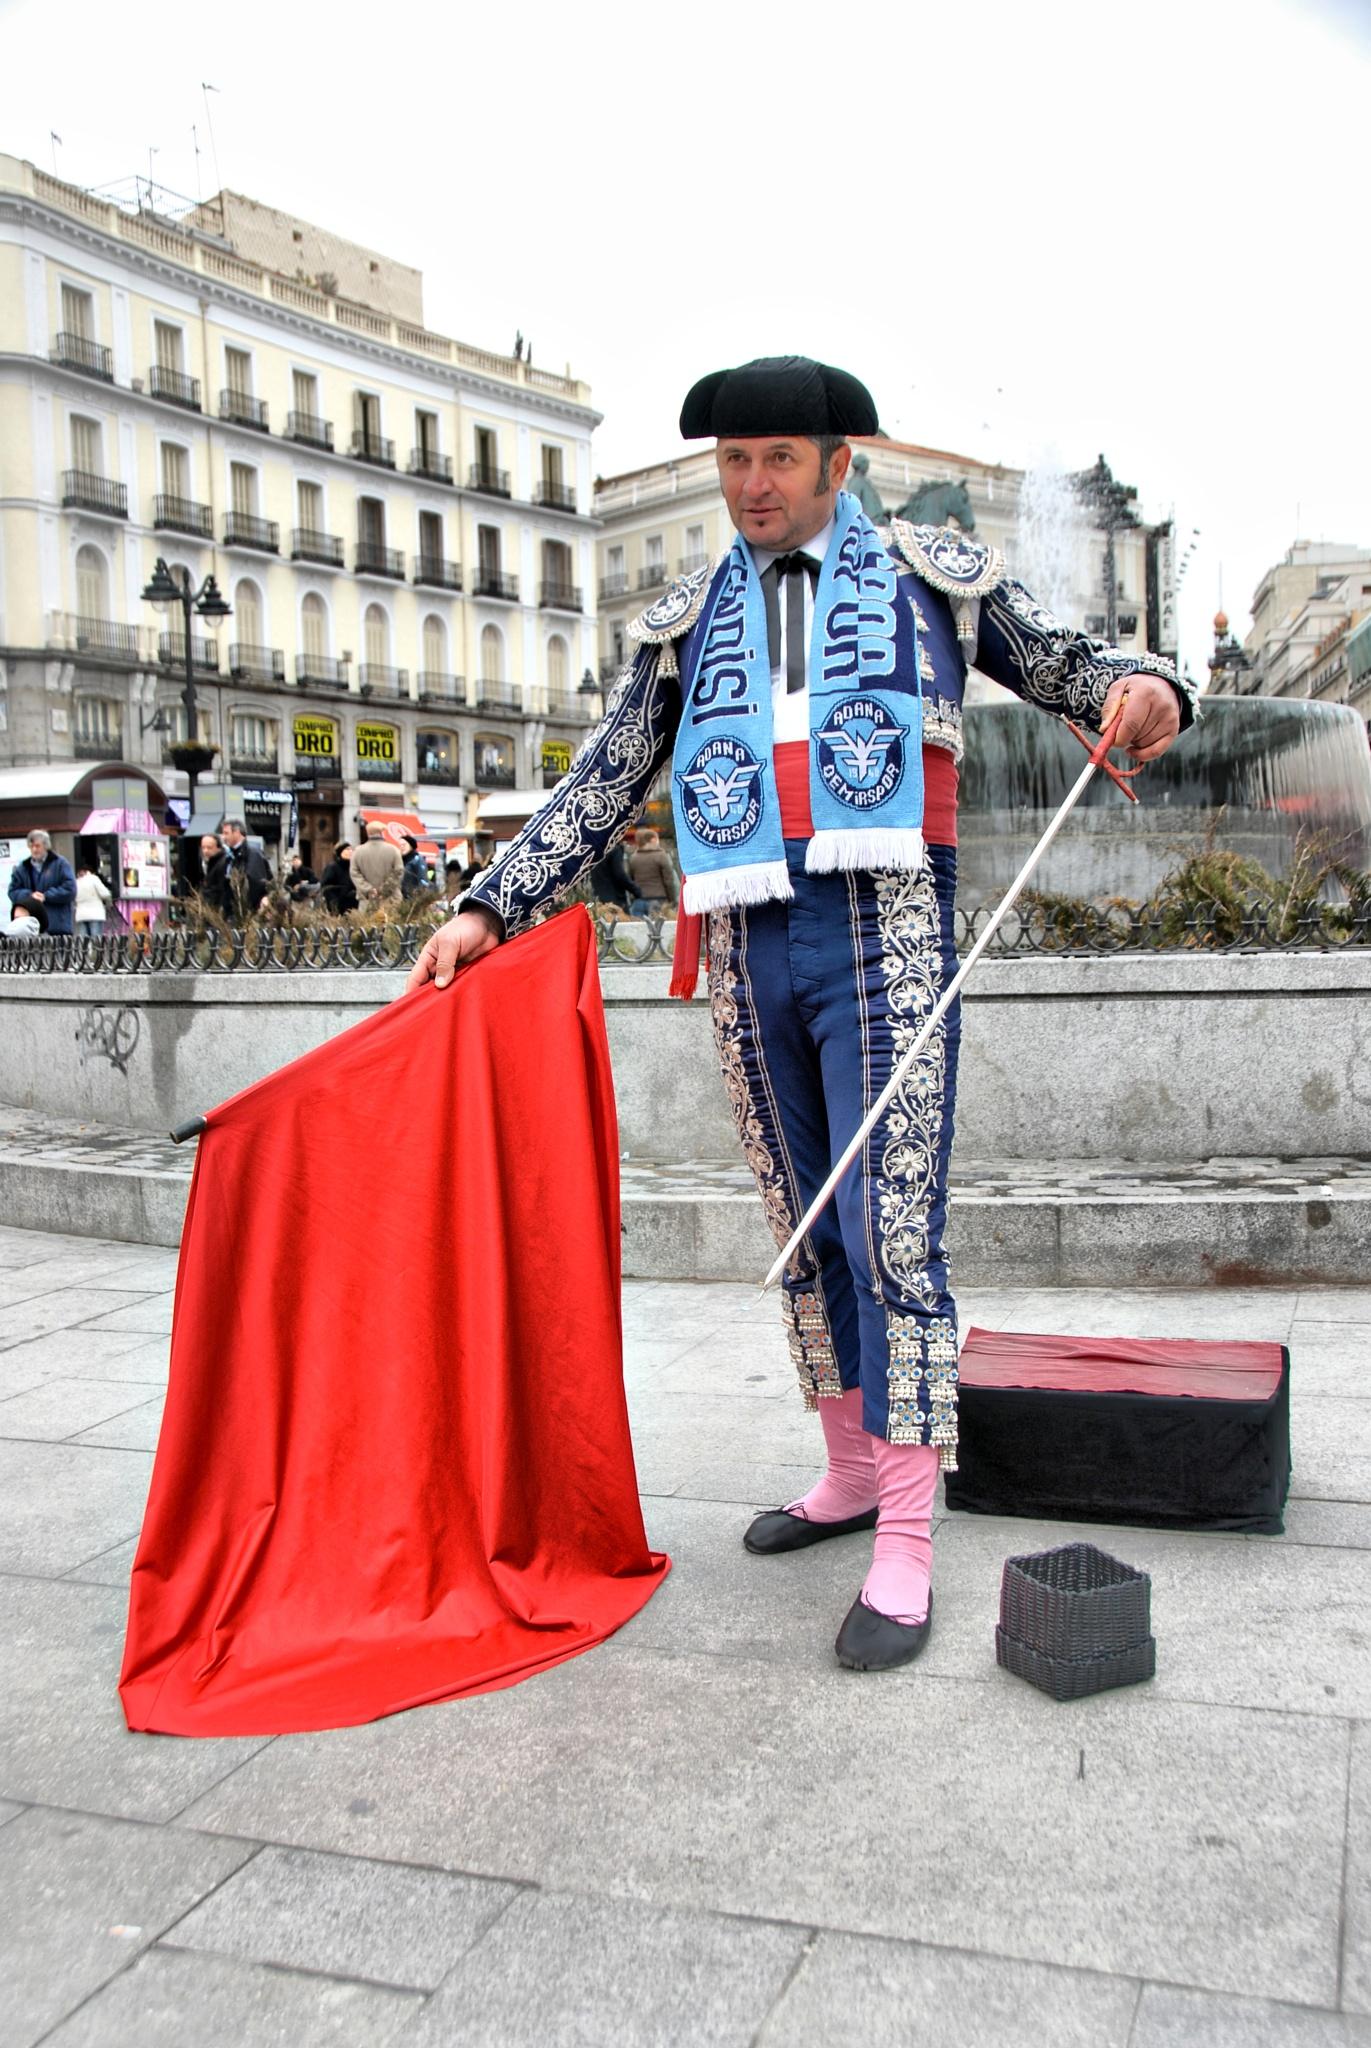 Street Entertainer by kebabman